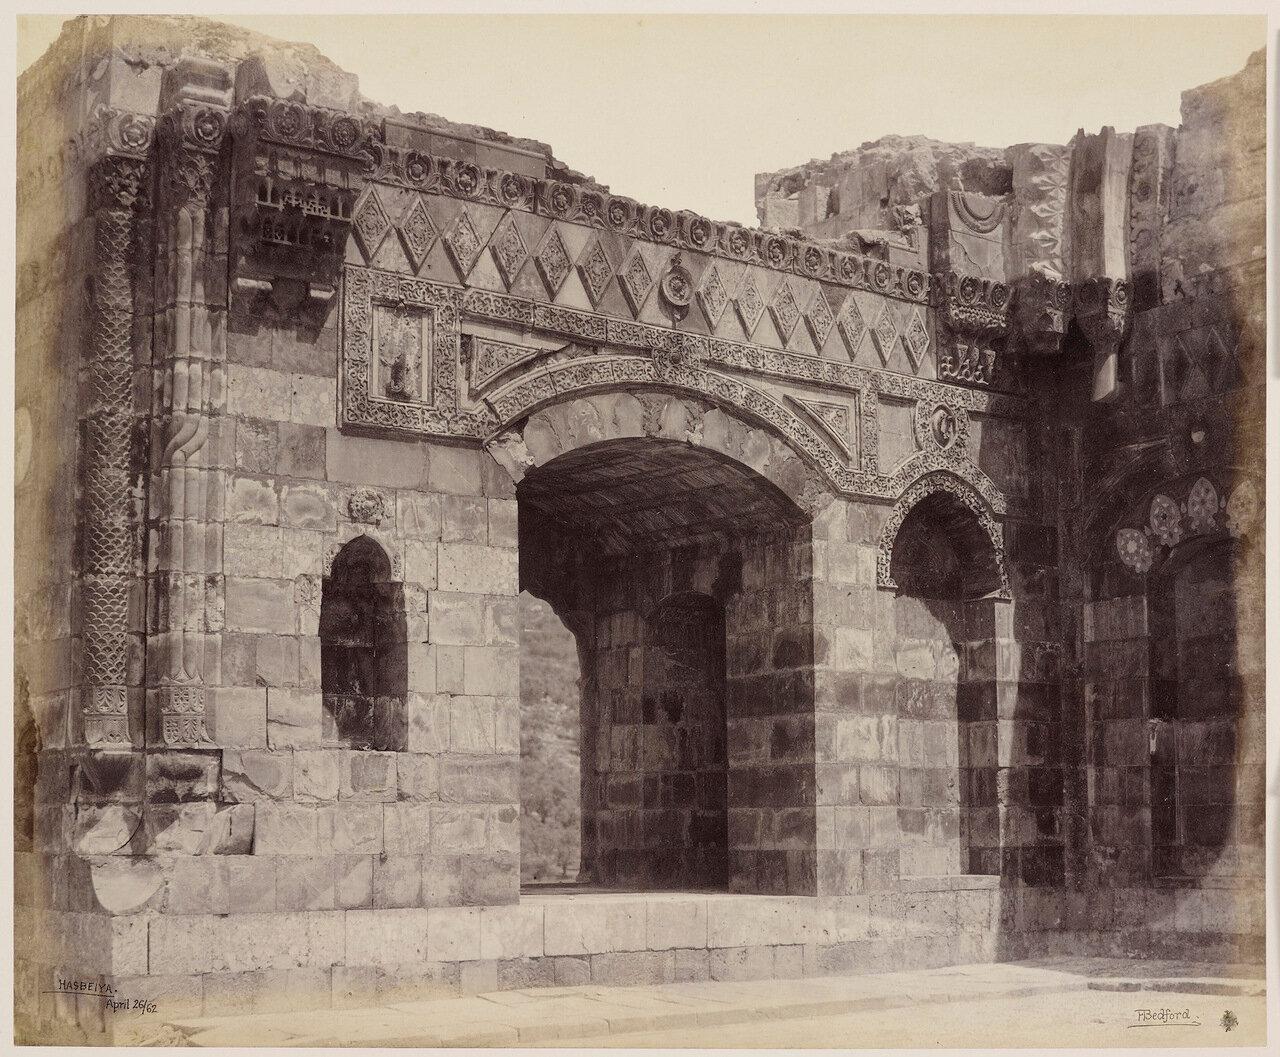 25 апреля 1862. Хасбайя, сарацинская цитадель. Сирия